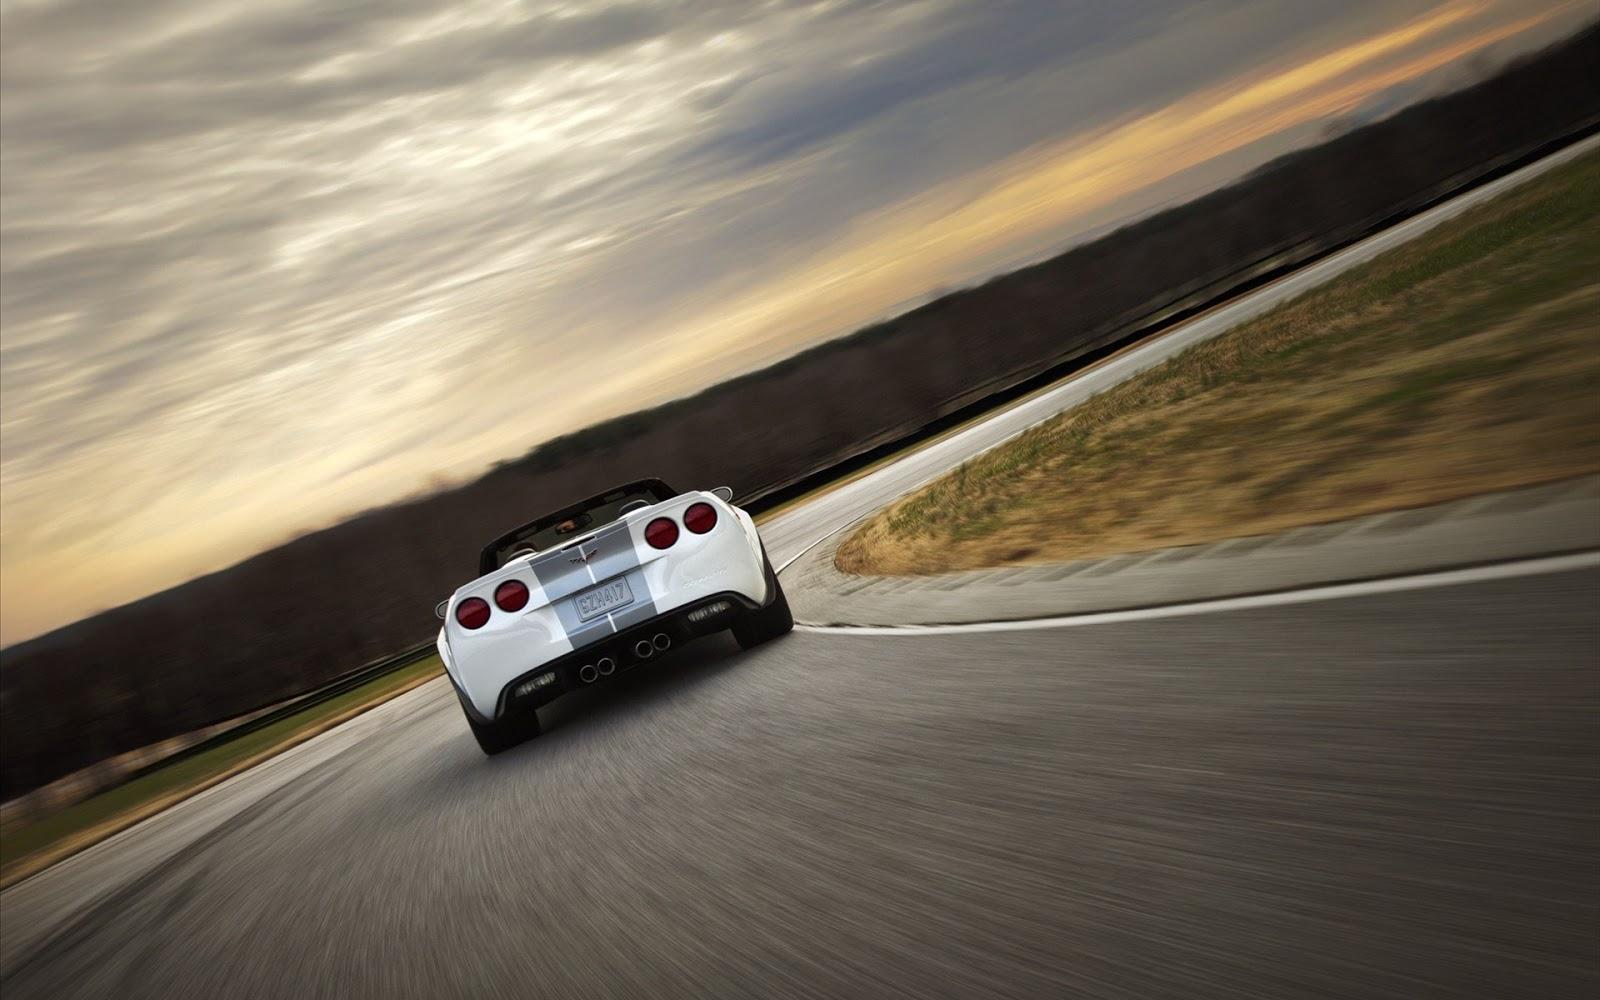 http://2.bp.blogspot.com/-8l2MO9aCkmI/UK9o48fDQfI/AAAAAAAACS4/H6DmqVkc_NA/s1600/Chevrolet+Corvette+427+Convertible+4.jpg